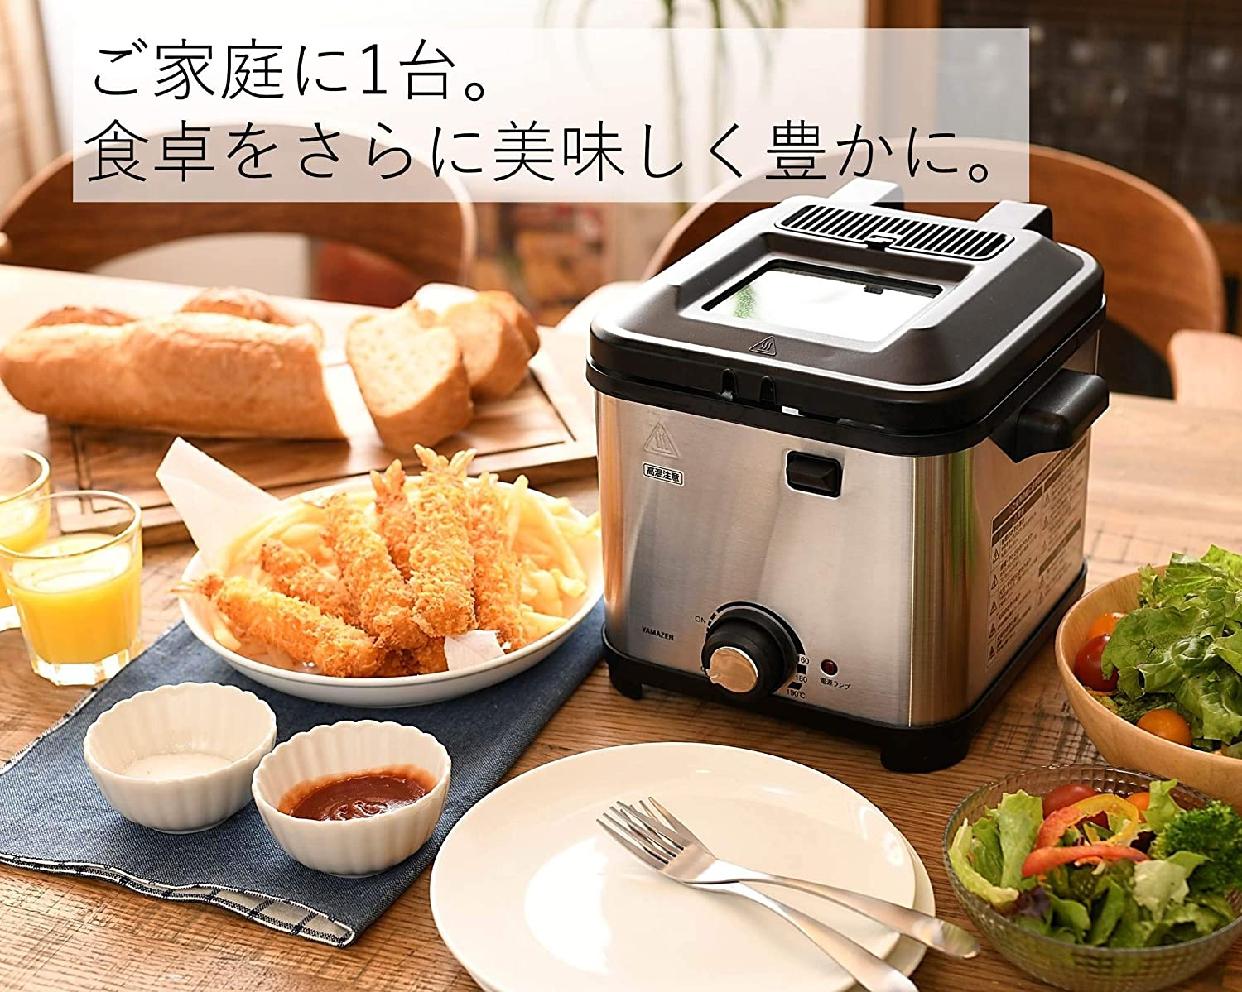 山善(YAMAZEN) 電気フライヤー  揚げ物の達人 YAD-F800(S)の商品画像6